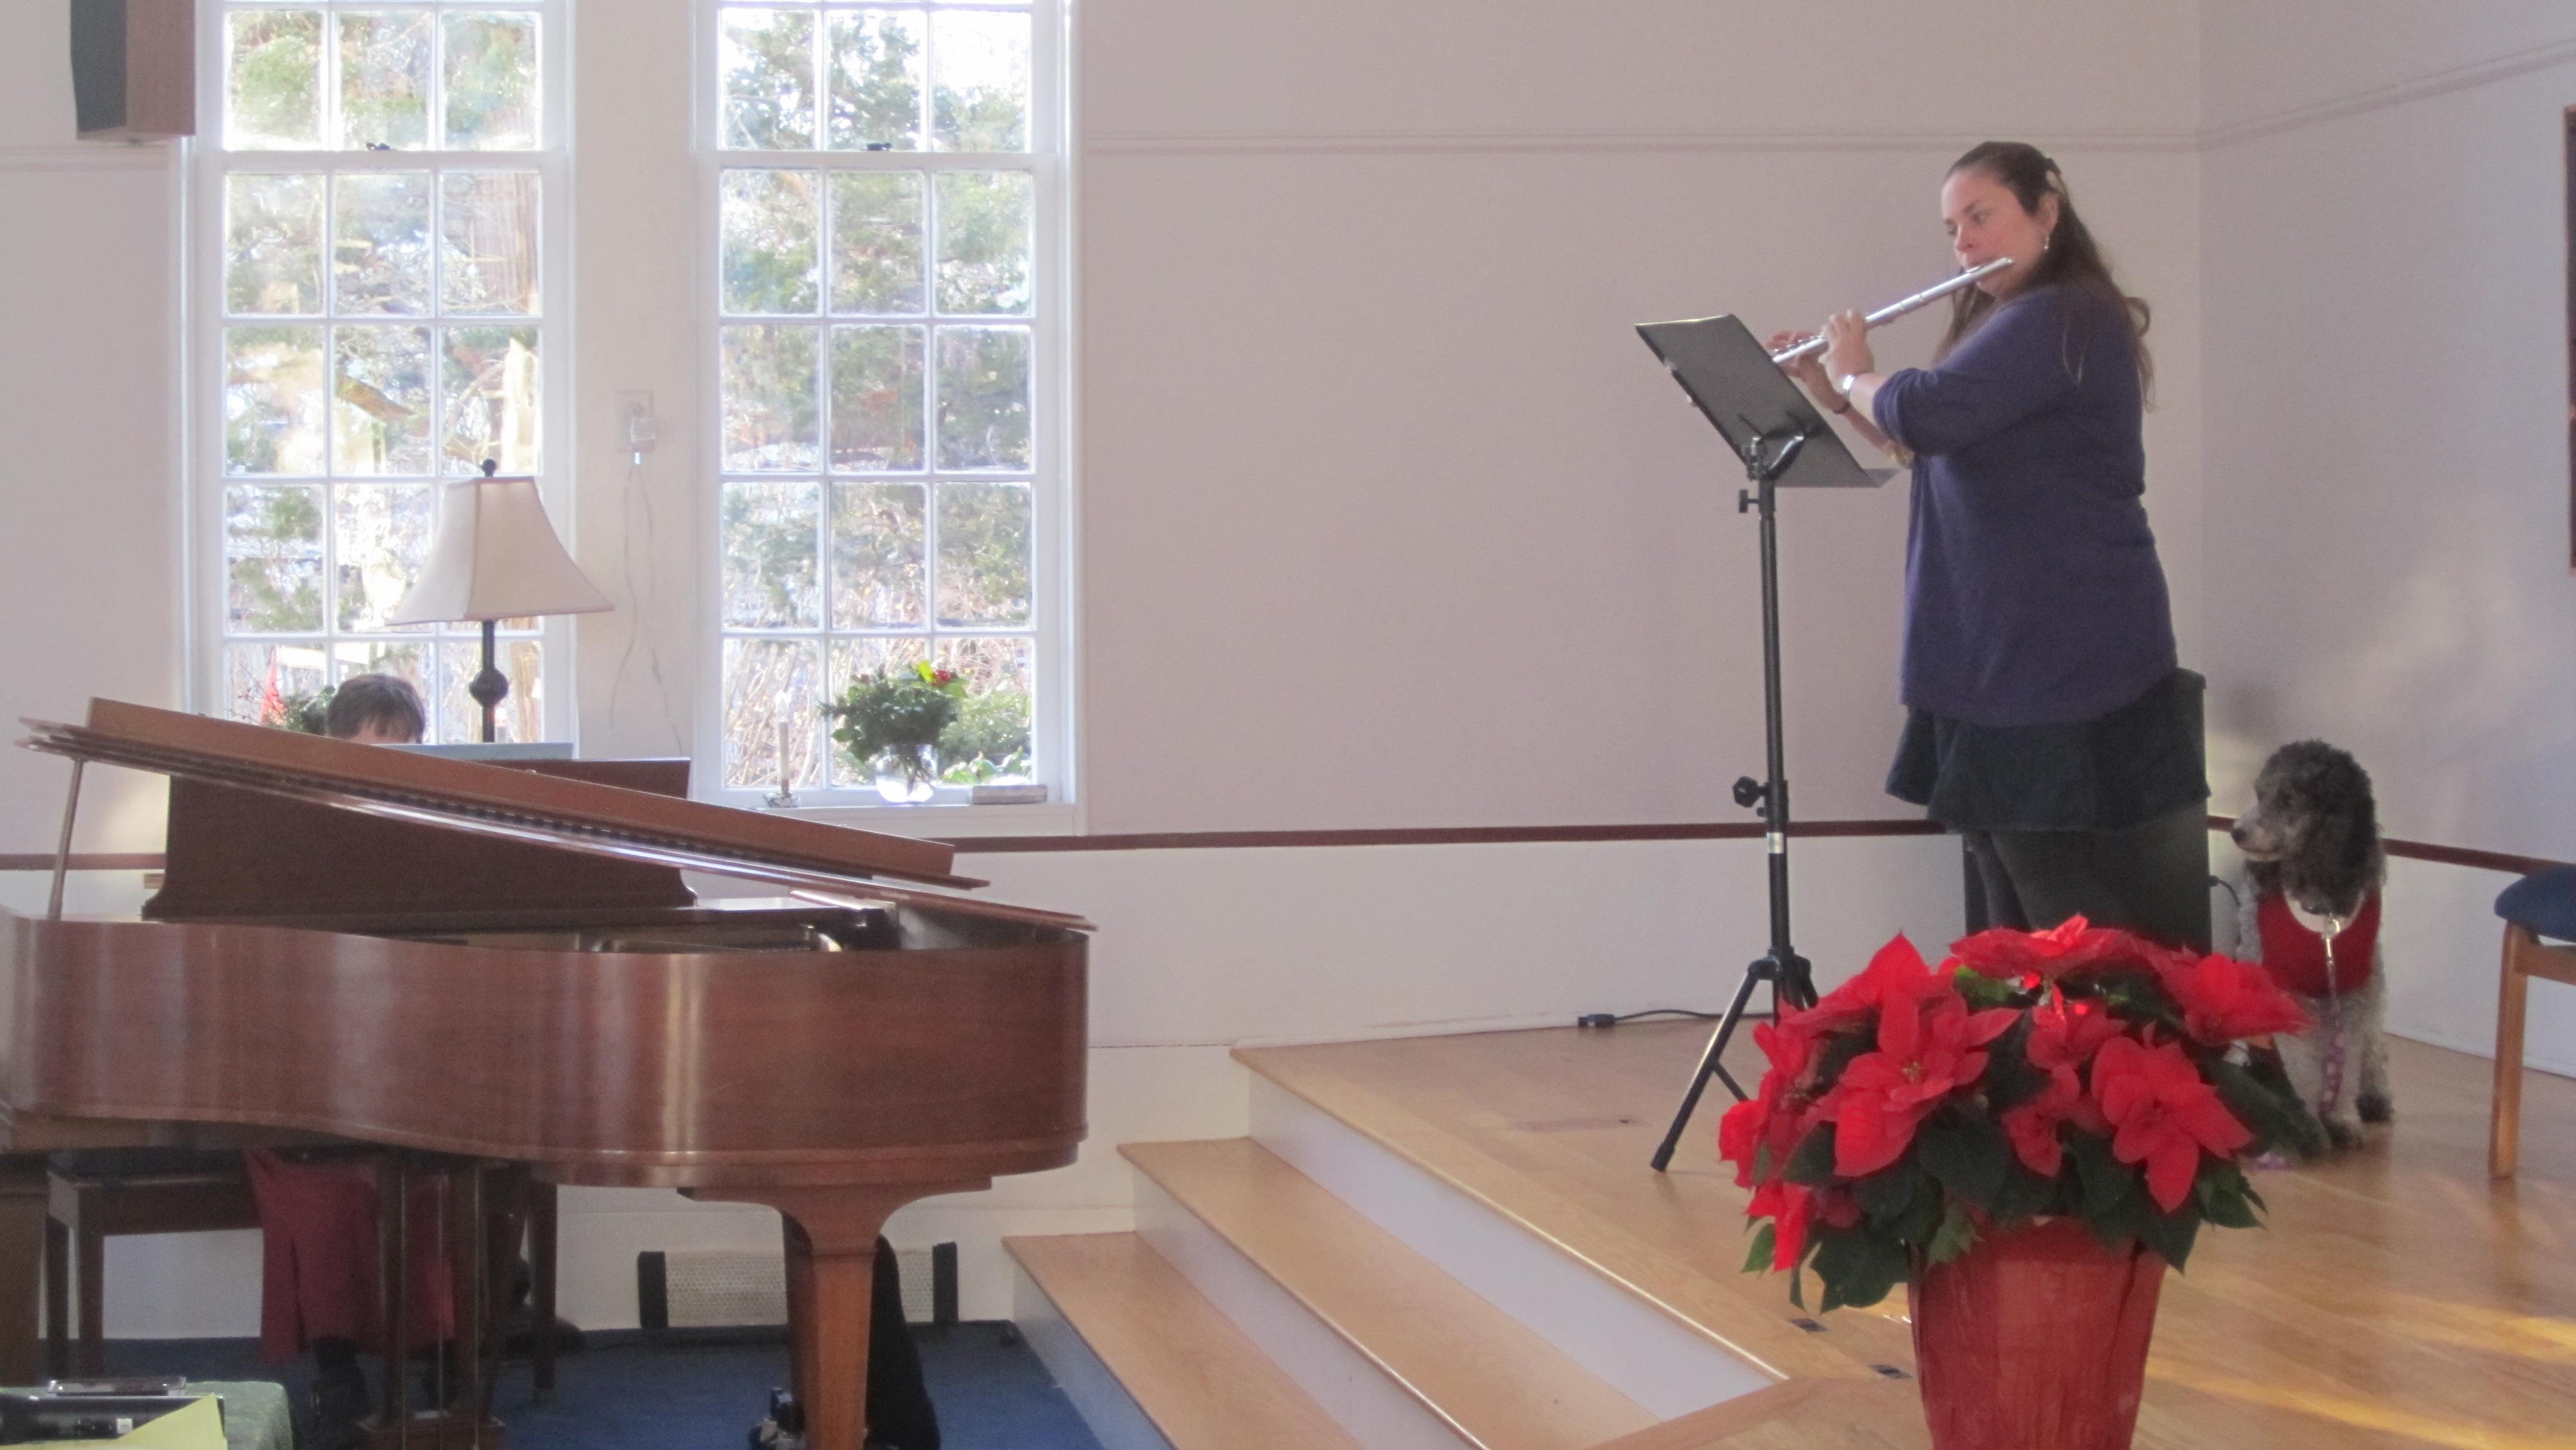 Kara Goldrick on flute